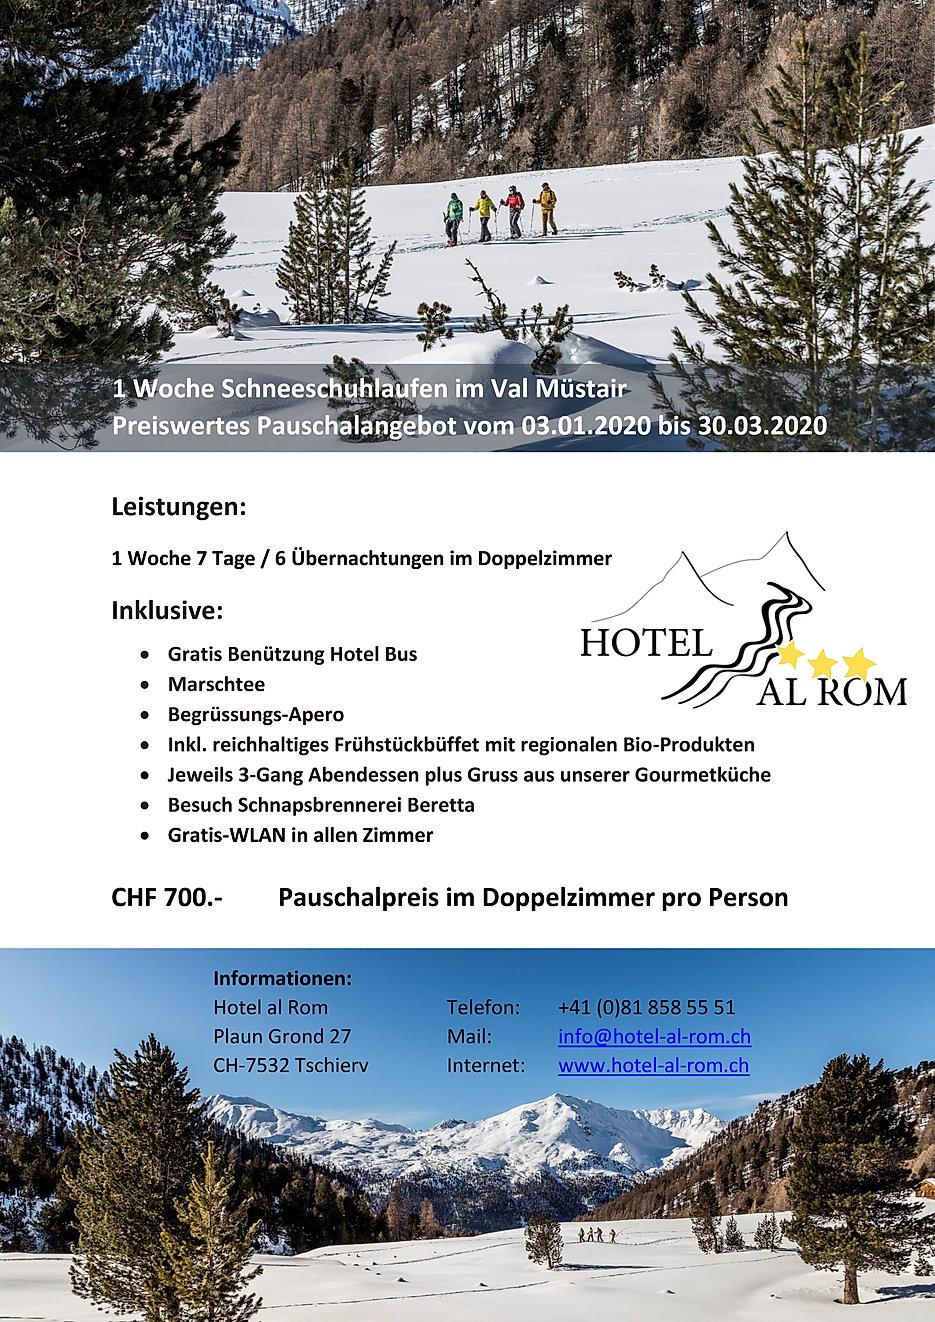 Pauschalangebot Schneeschuhlaufen 19-20_